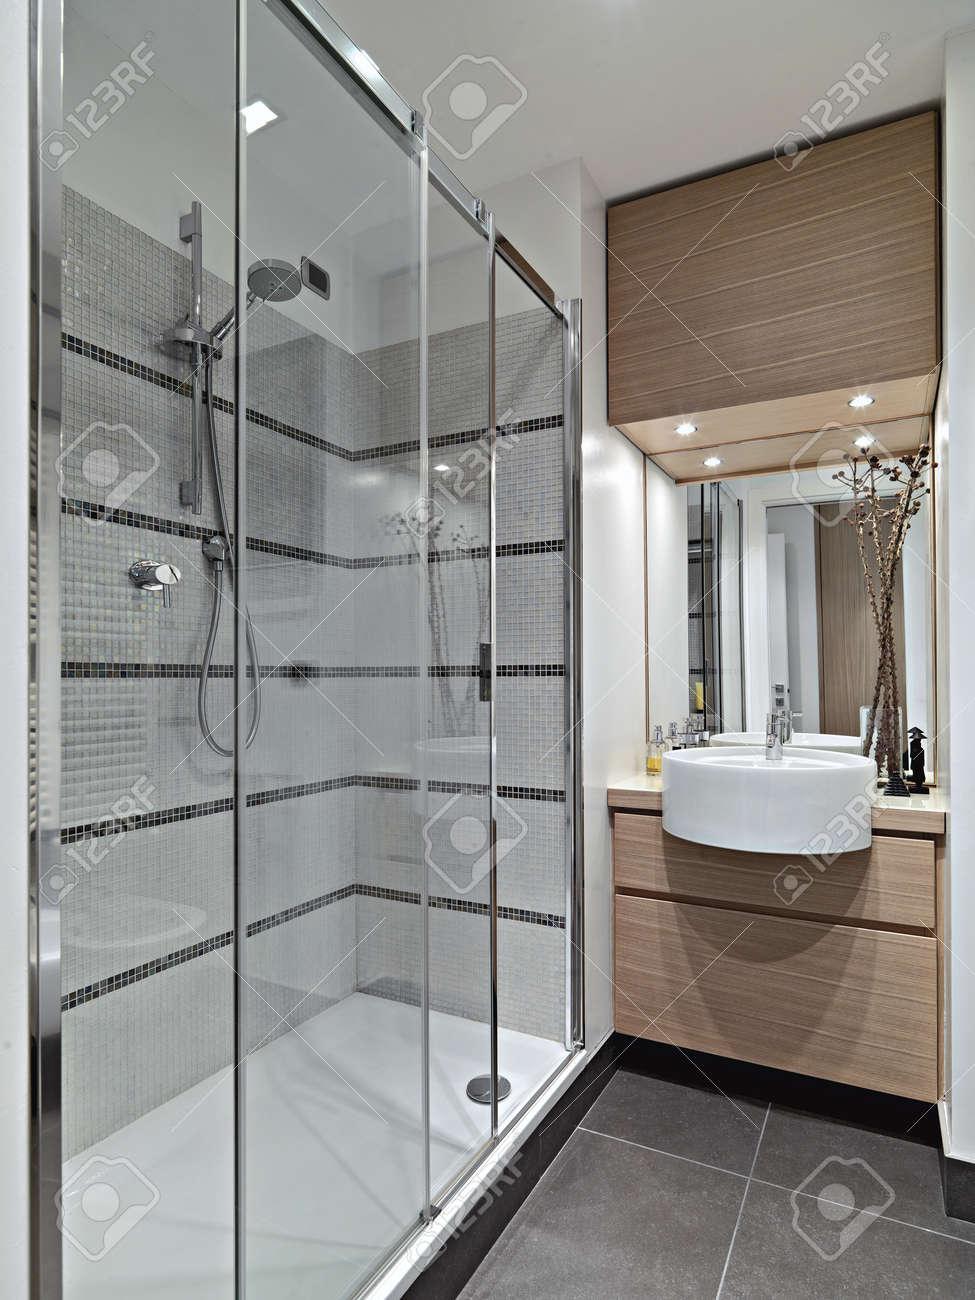 dugdix.com | mobile bagno in legno elegante - Immagini Bagni Moderni Piccoli